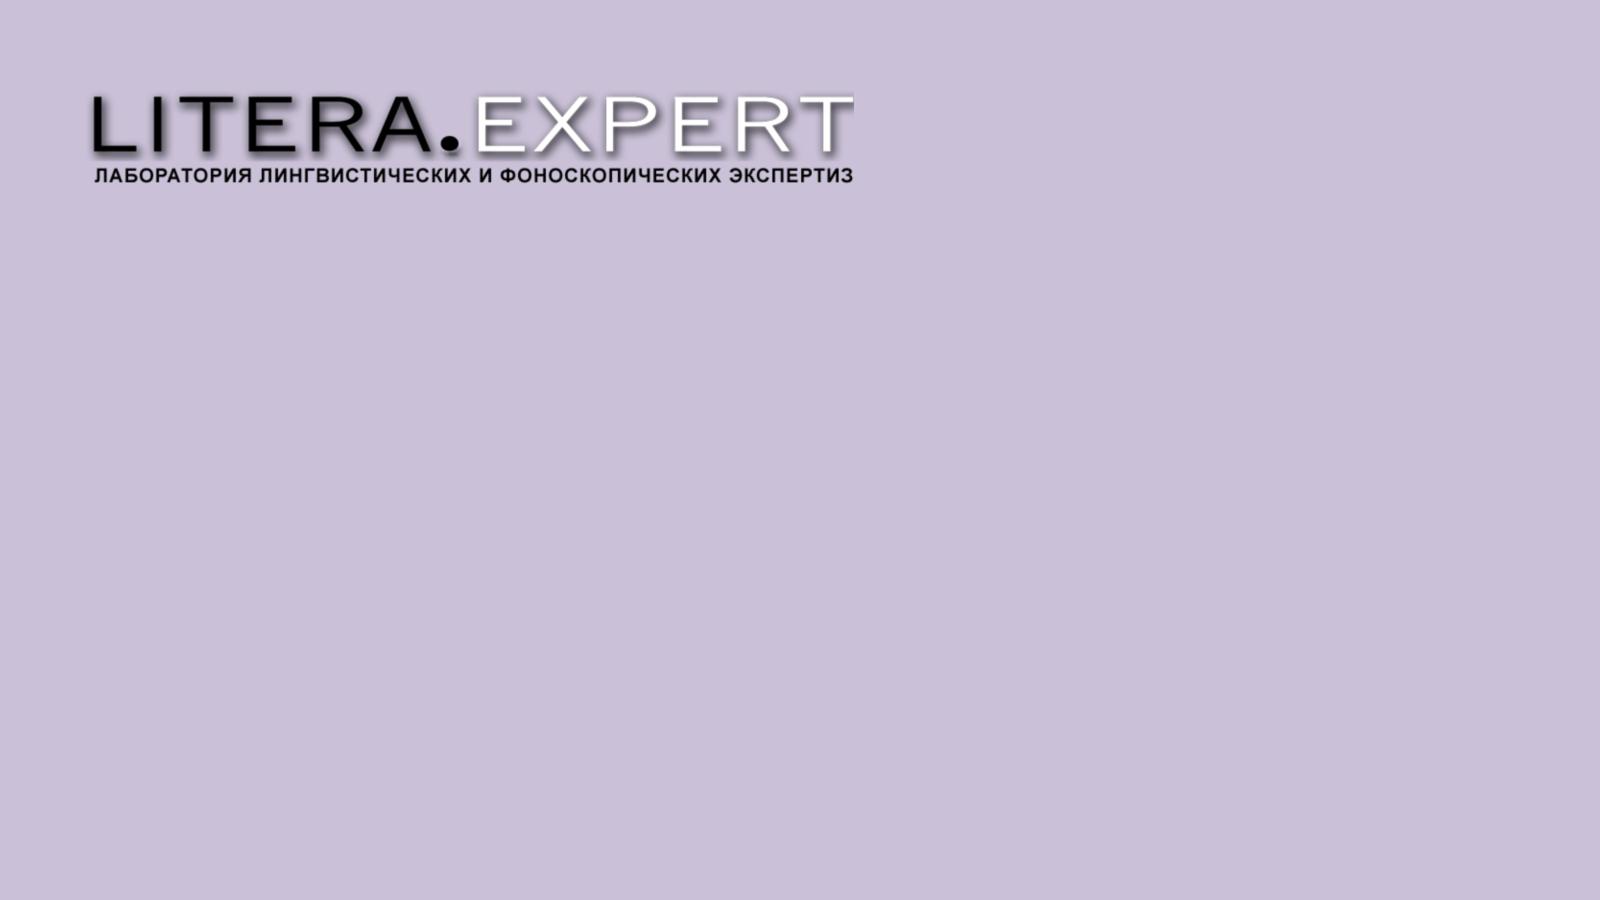 litera.expert, мнение законы, каталог, видеотехническая экспертиза, заказать экспертизу, идентификационная экспертиза, исследование смыслового понимания текста, критику власти, оскорблении, сахалин, калининград, дальний восток, крым,